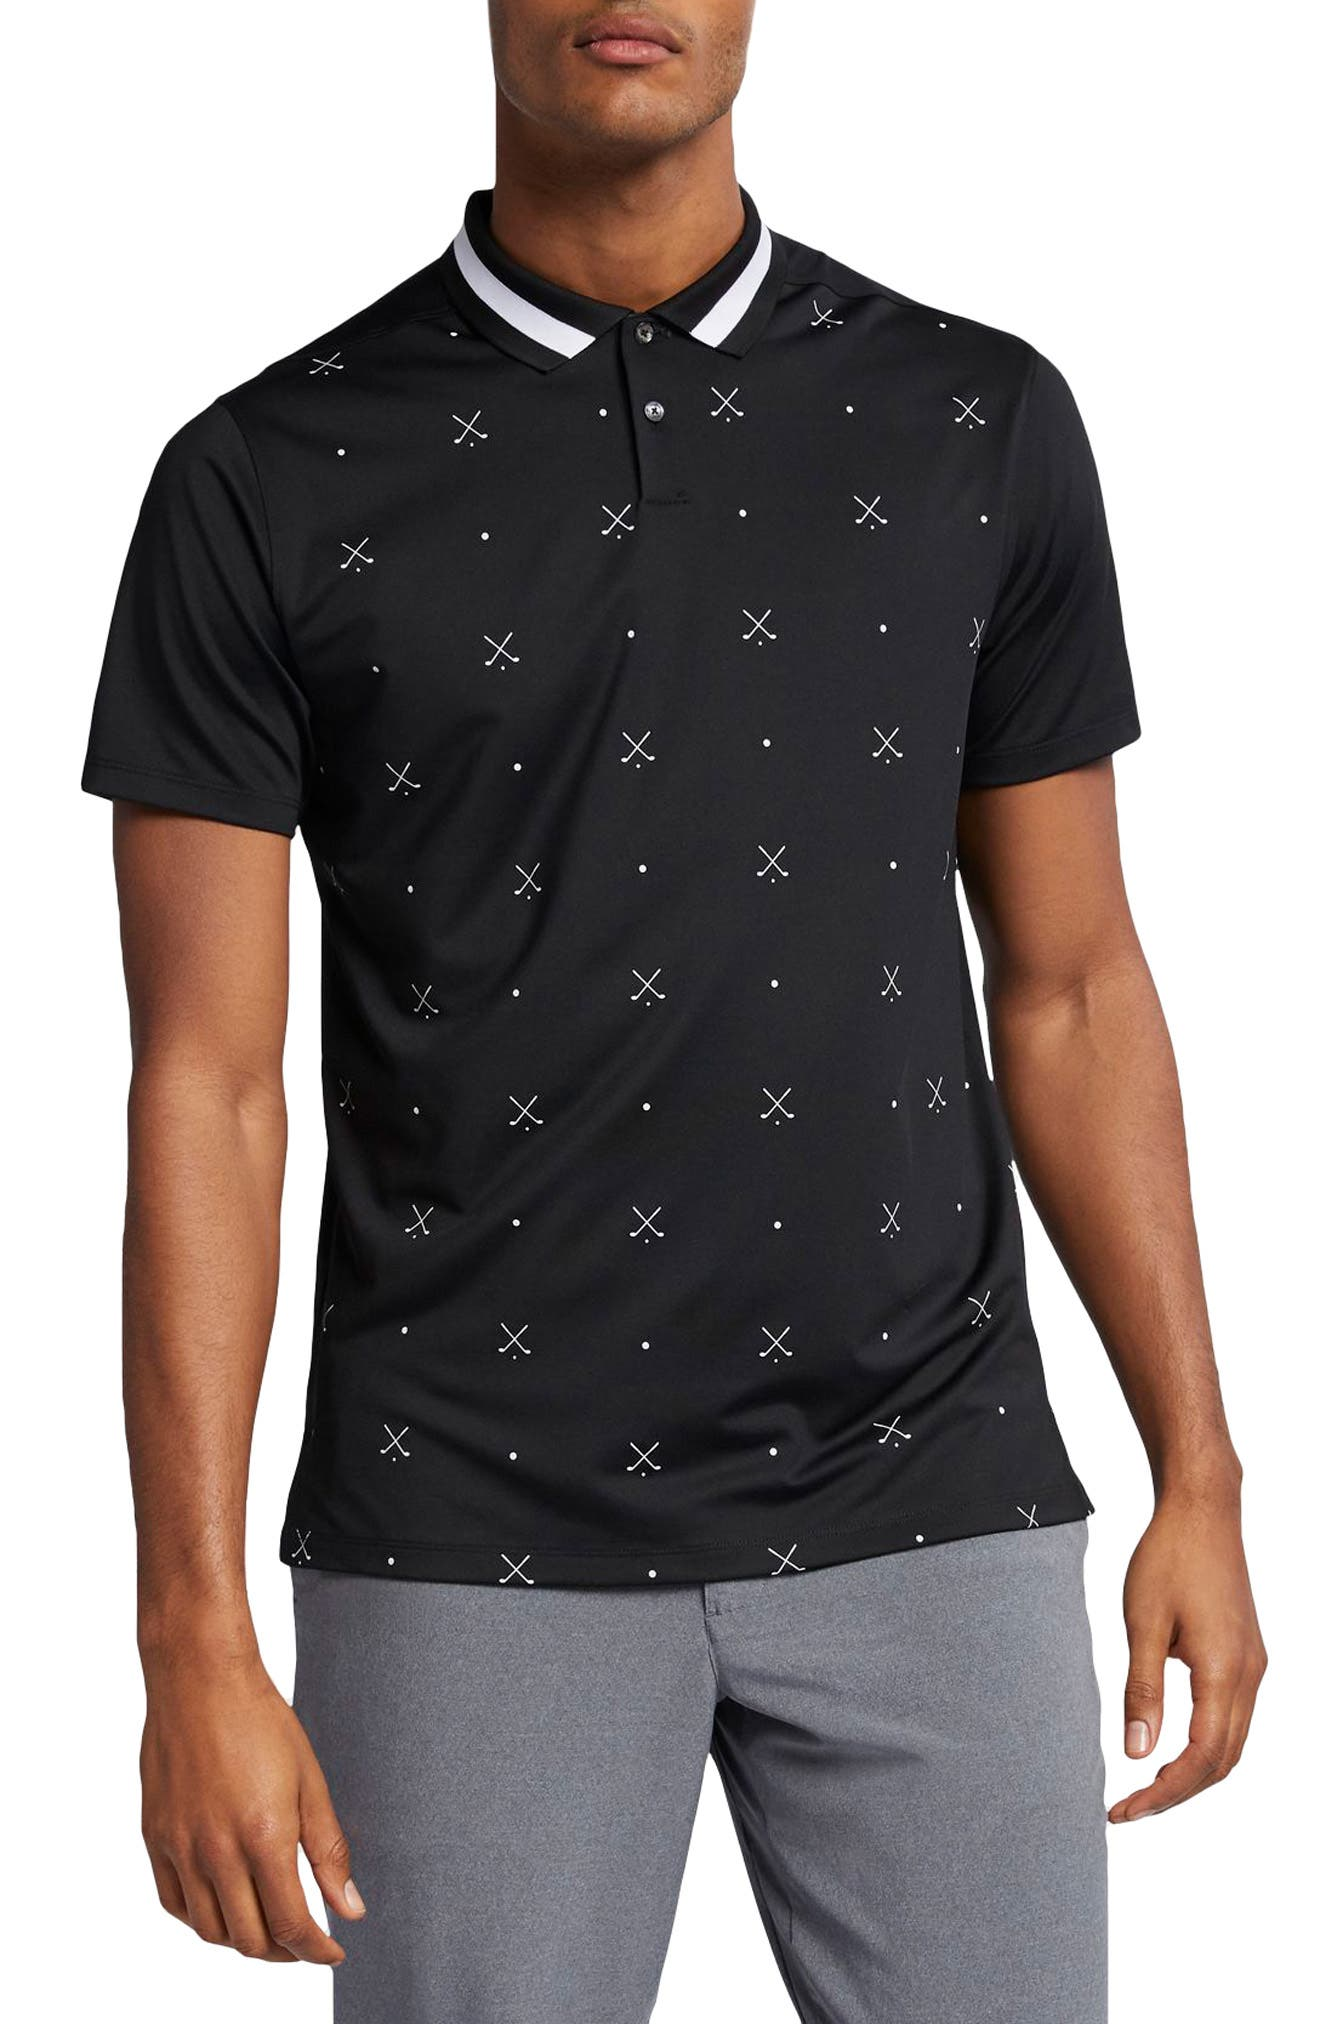 NIKE Vapor Dri-FIT Golf Polo, Main, color, BLACK/ WHITE/ BLACK